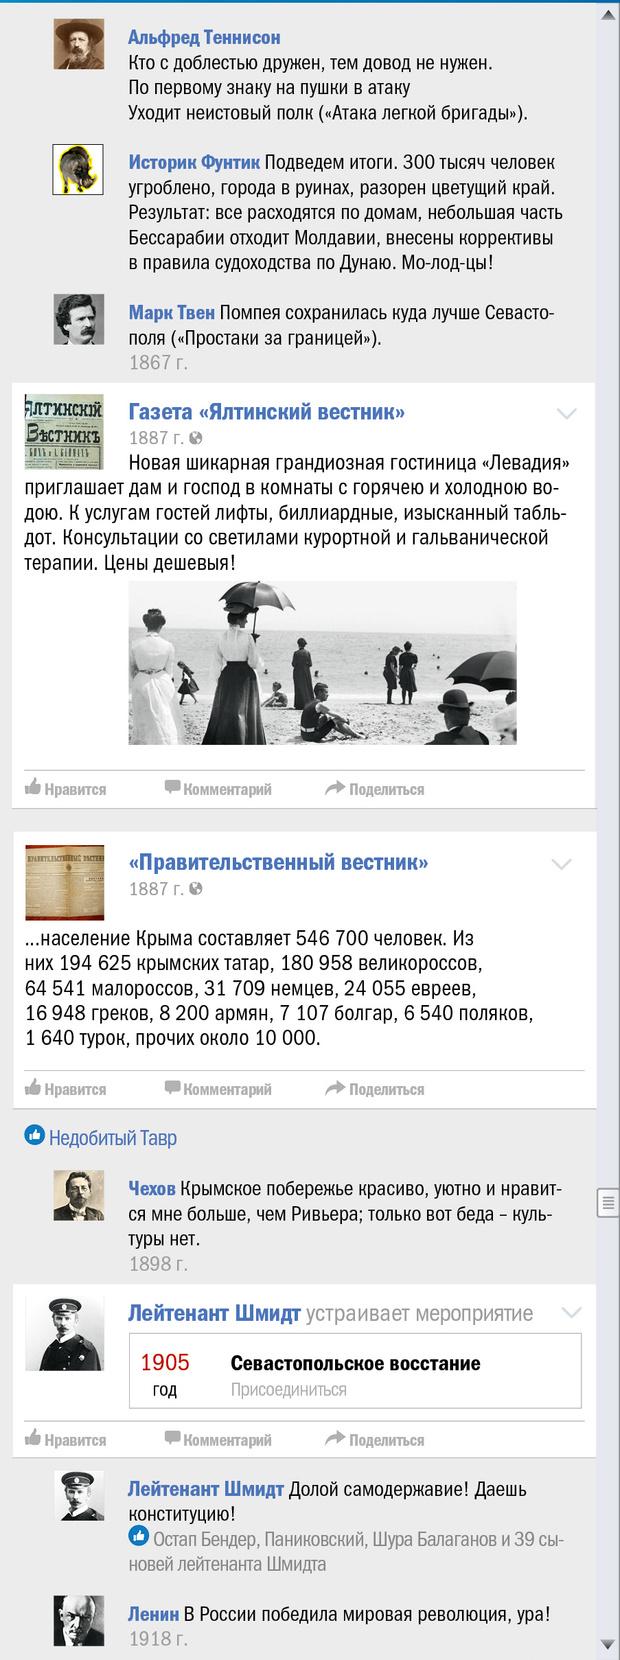 Фото №10 - Крым чей? Правдивая история Крыма в виде ленты «Фейсбука»